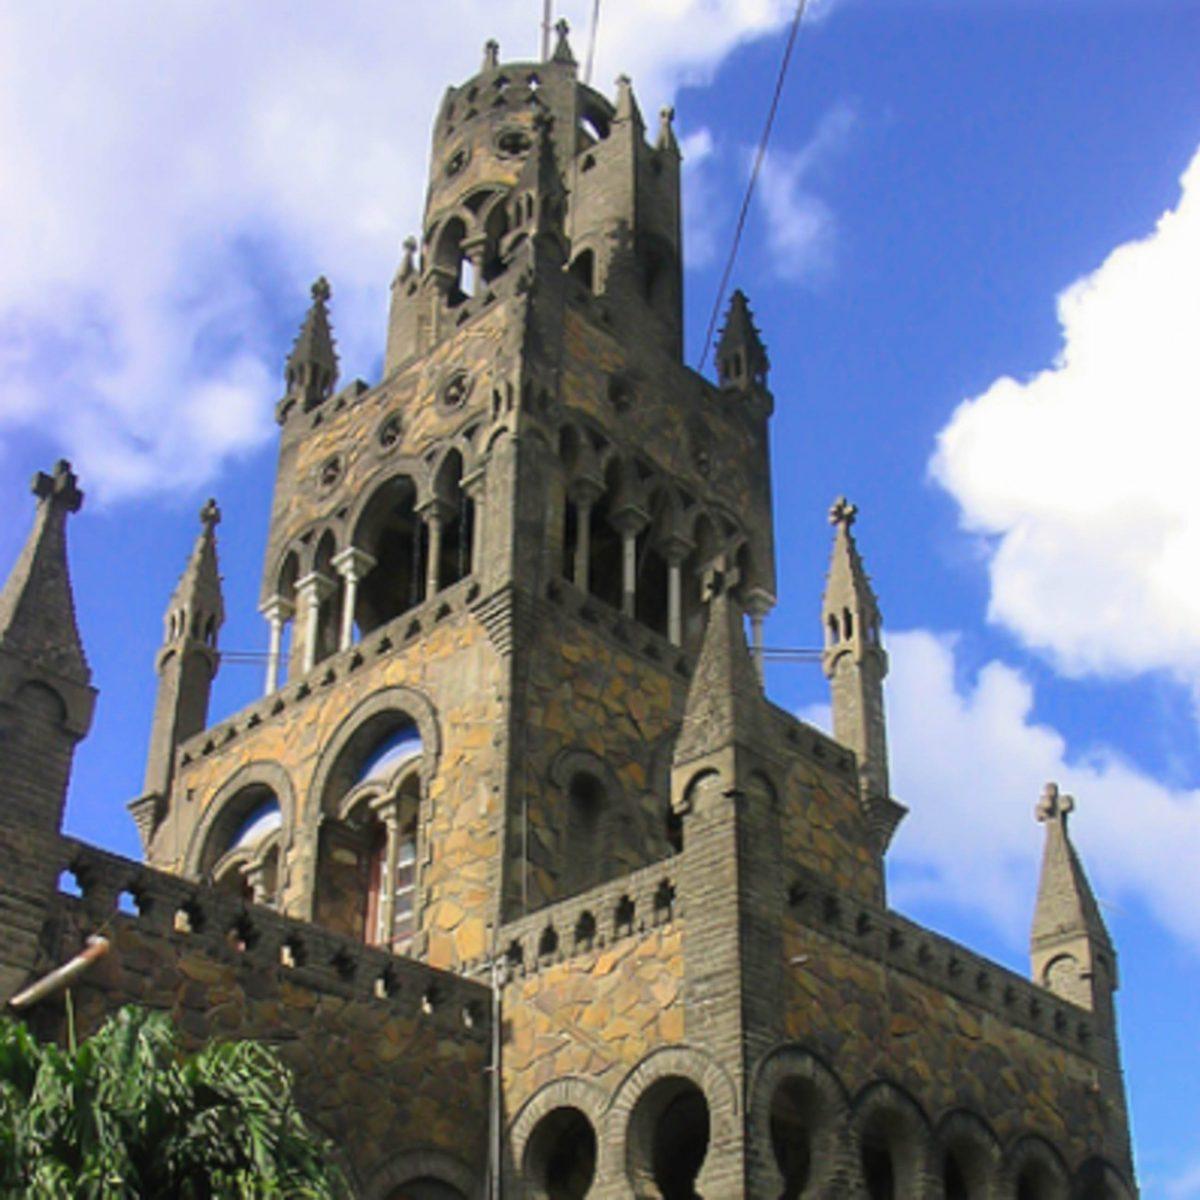 Die katholische Kathedrale St. Mary's in Kingstown, St. Vincent und die Grenadinen, wurde in einem interessanten Mix aus den Stilrichtungen verschiedenster Epochen erbaut - © Rjkooljay CC BY-SA3.0/Wiki